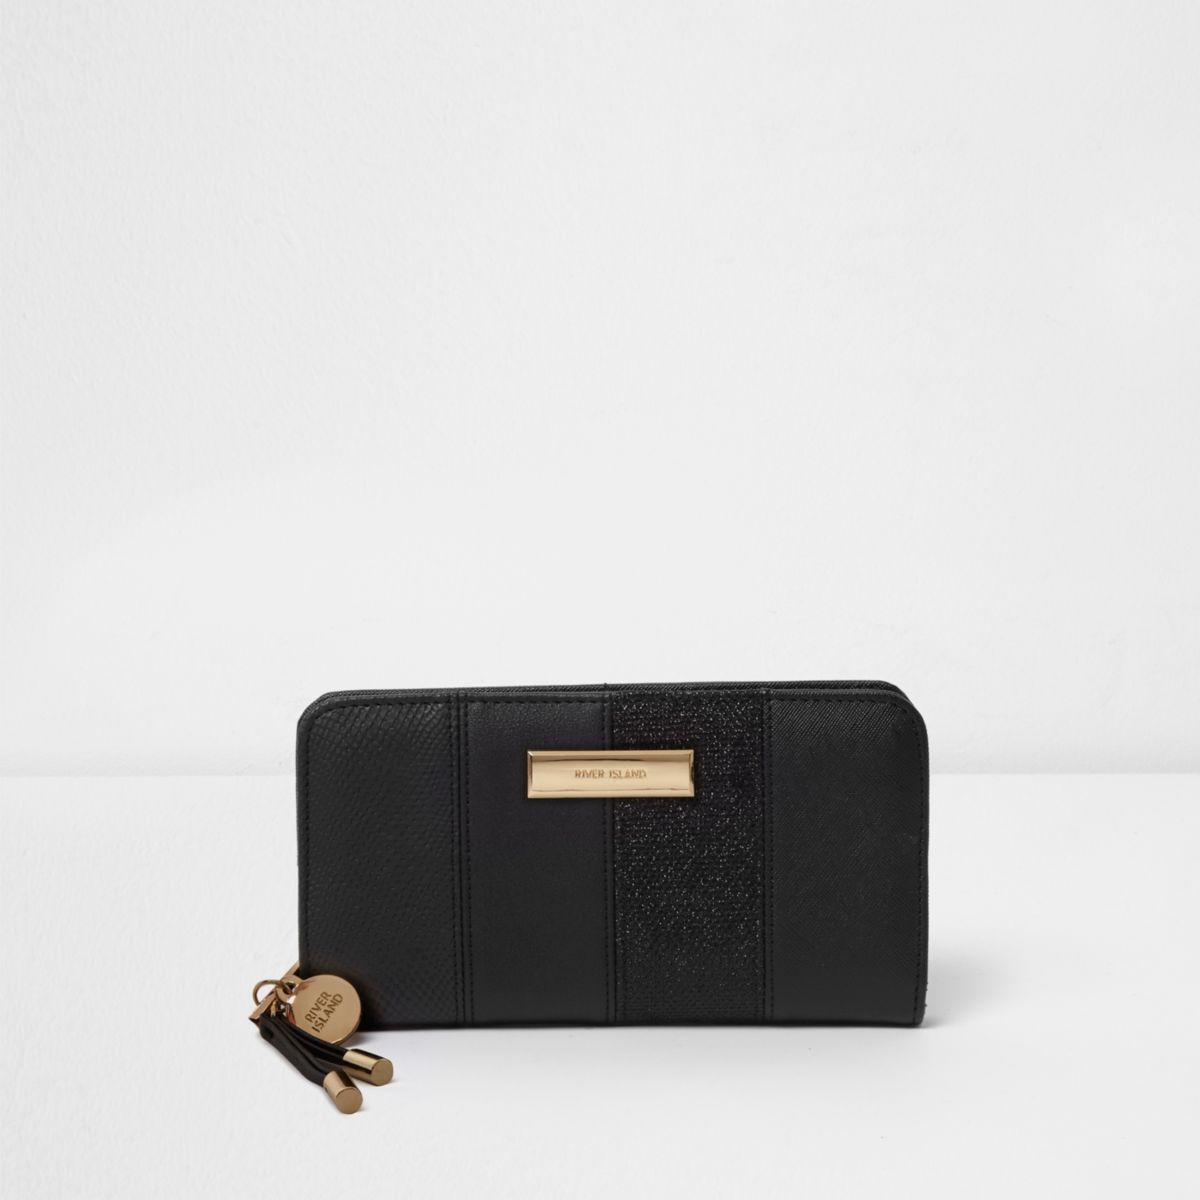 Zwarte portemonnee met rits rondom en glitterpaneel